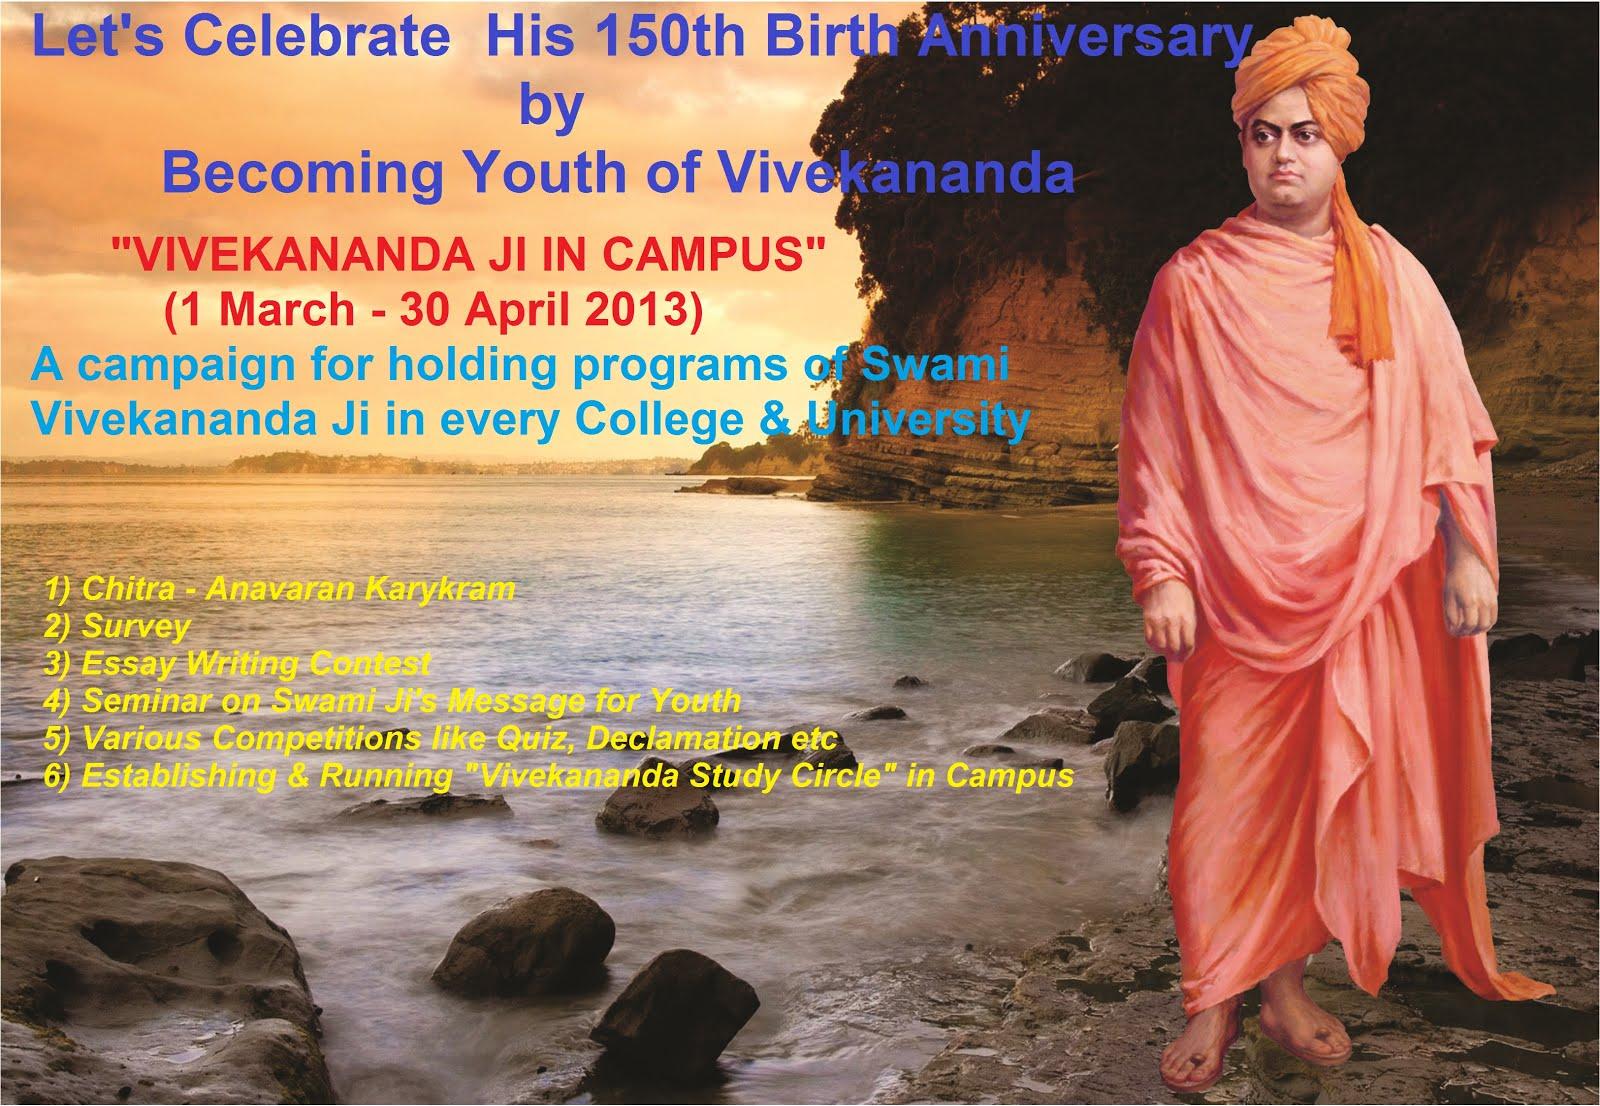 swami vivekananda youth of 2013 sardh shati yuva shakti aayam